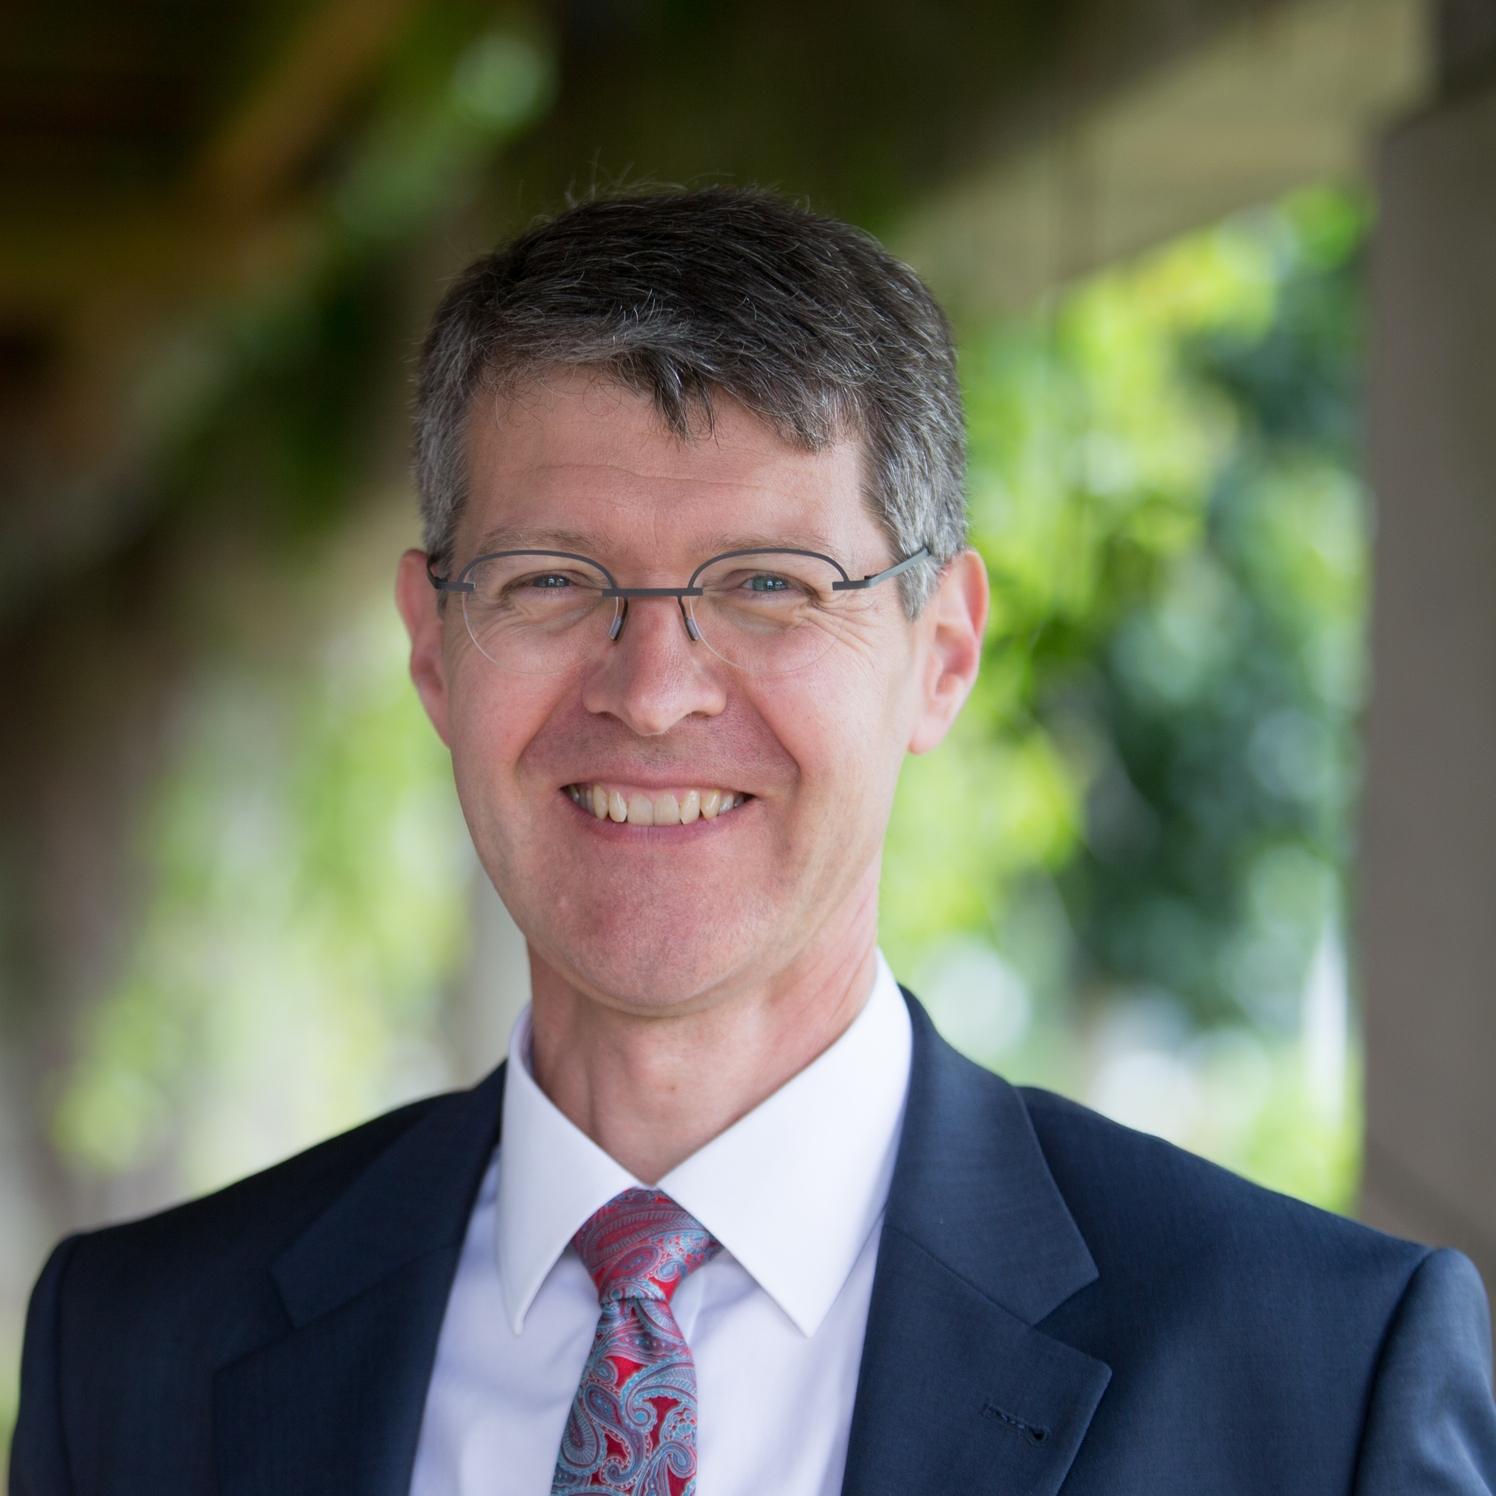 Portrait of Carsten Kohl